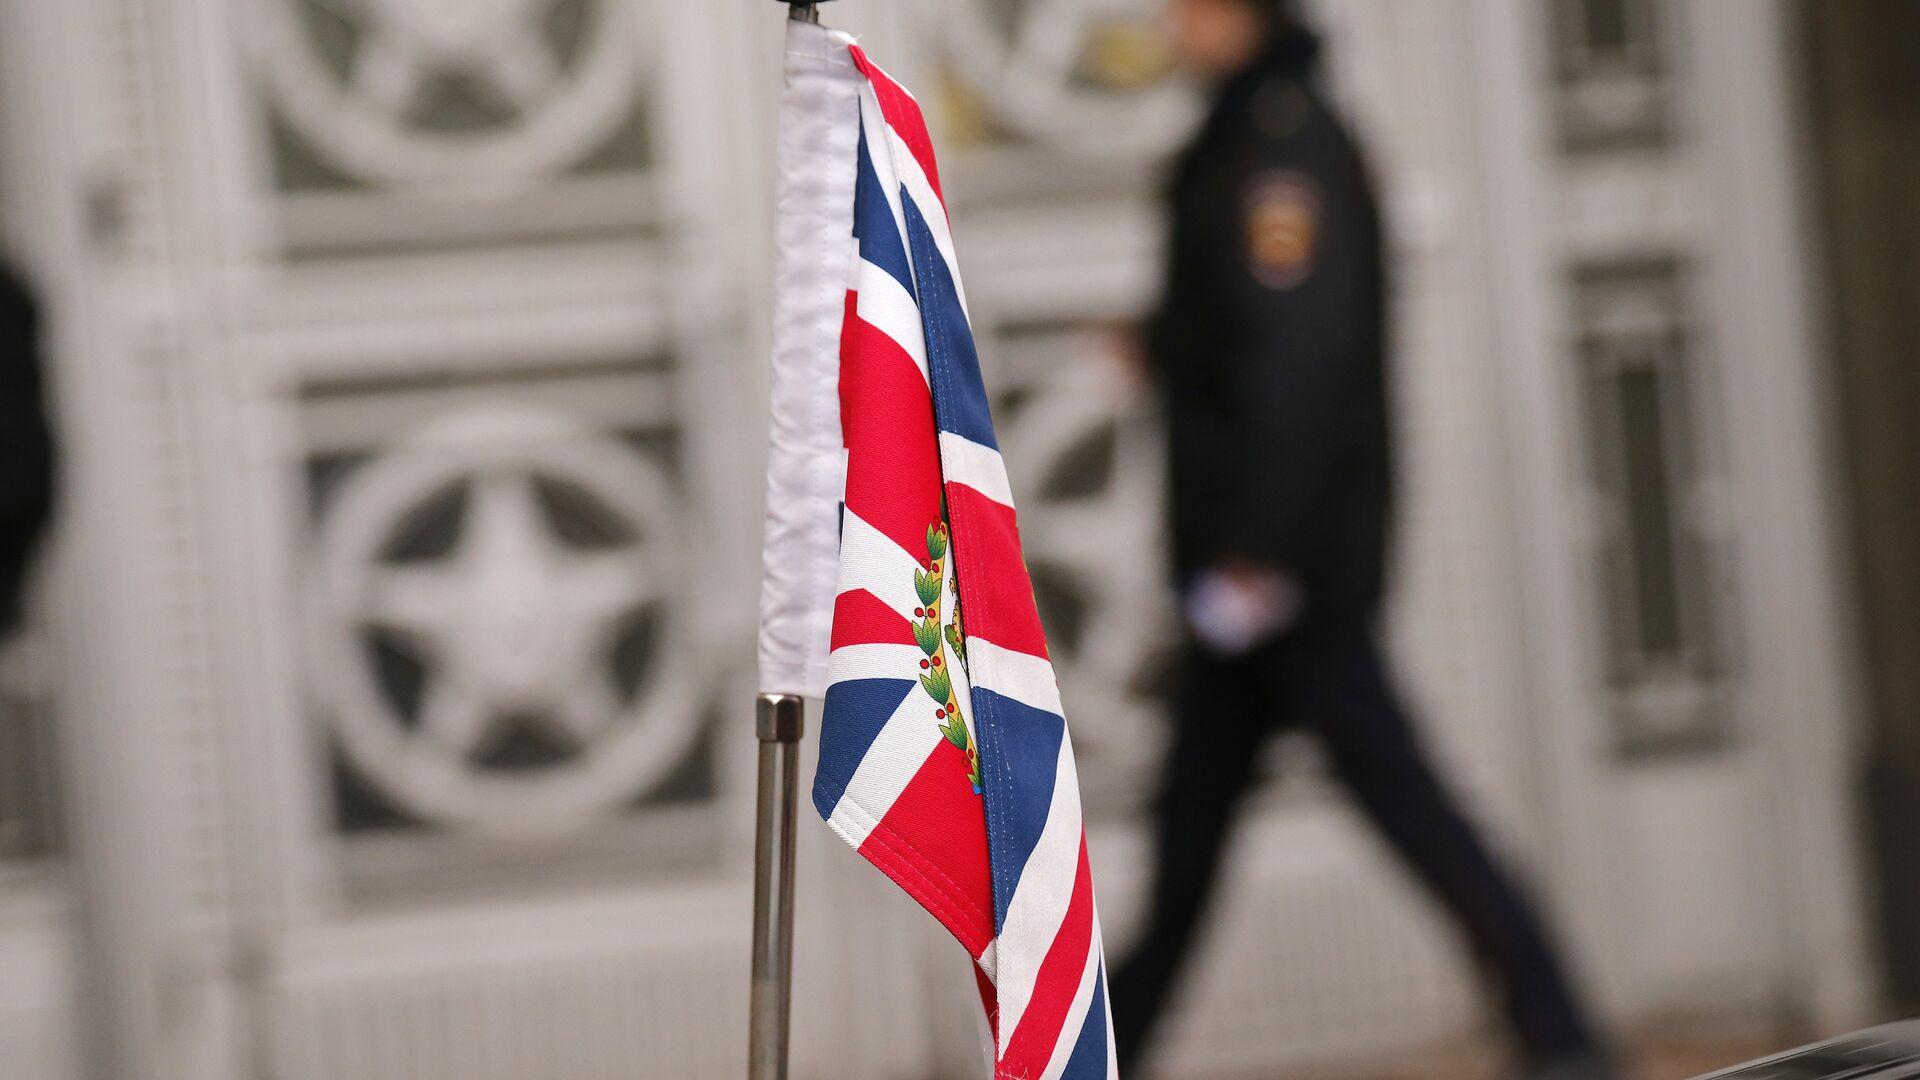 Застава Велике Британије испред амбасаде Русије у Лондону - Sputnik Србија, 1920, 11.10.2021